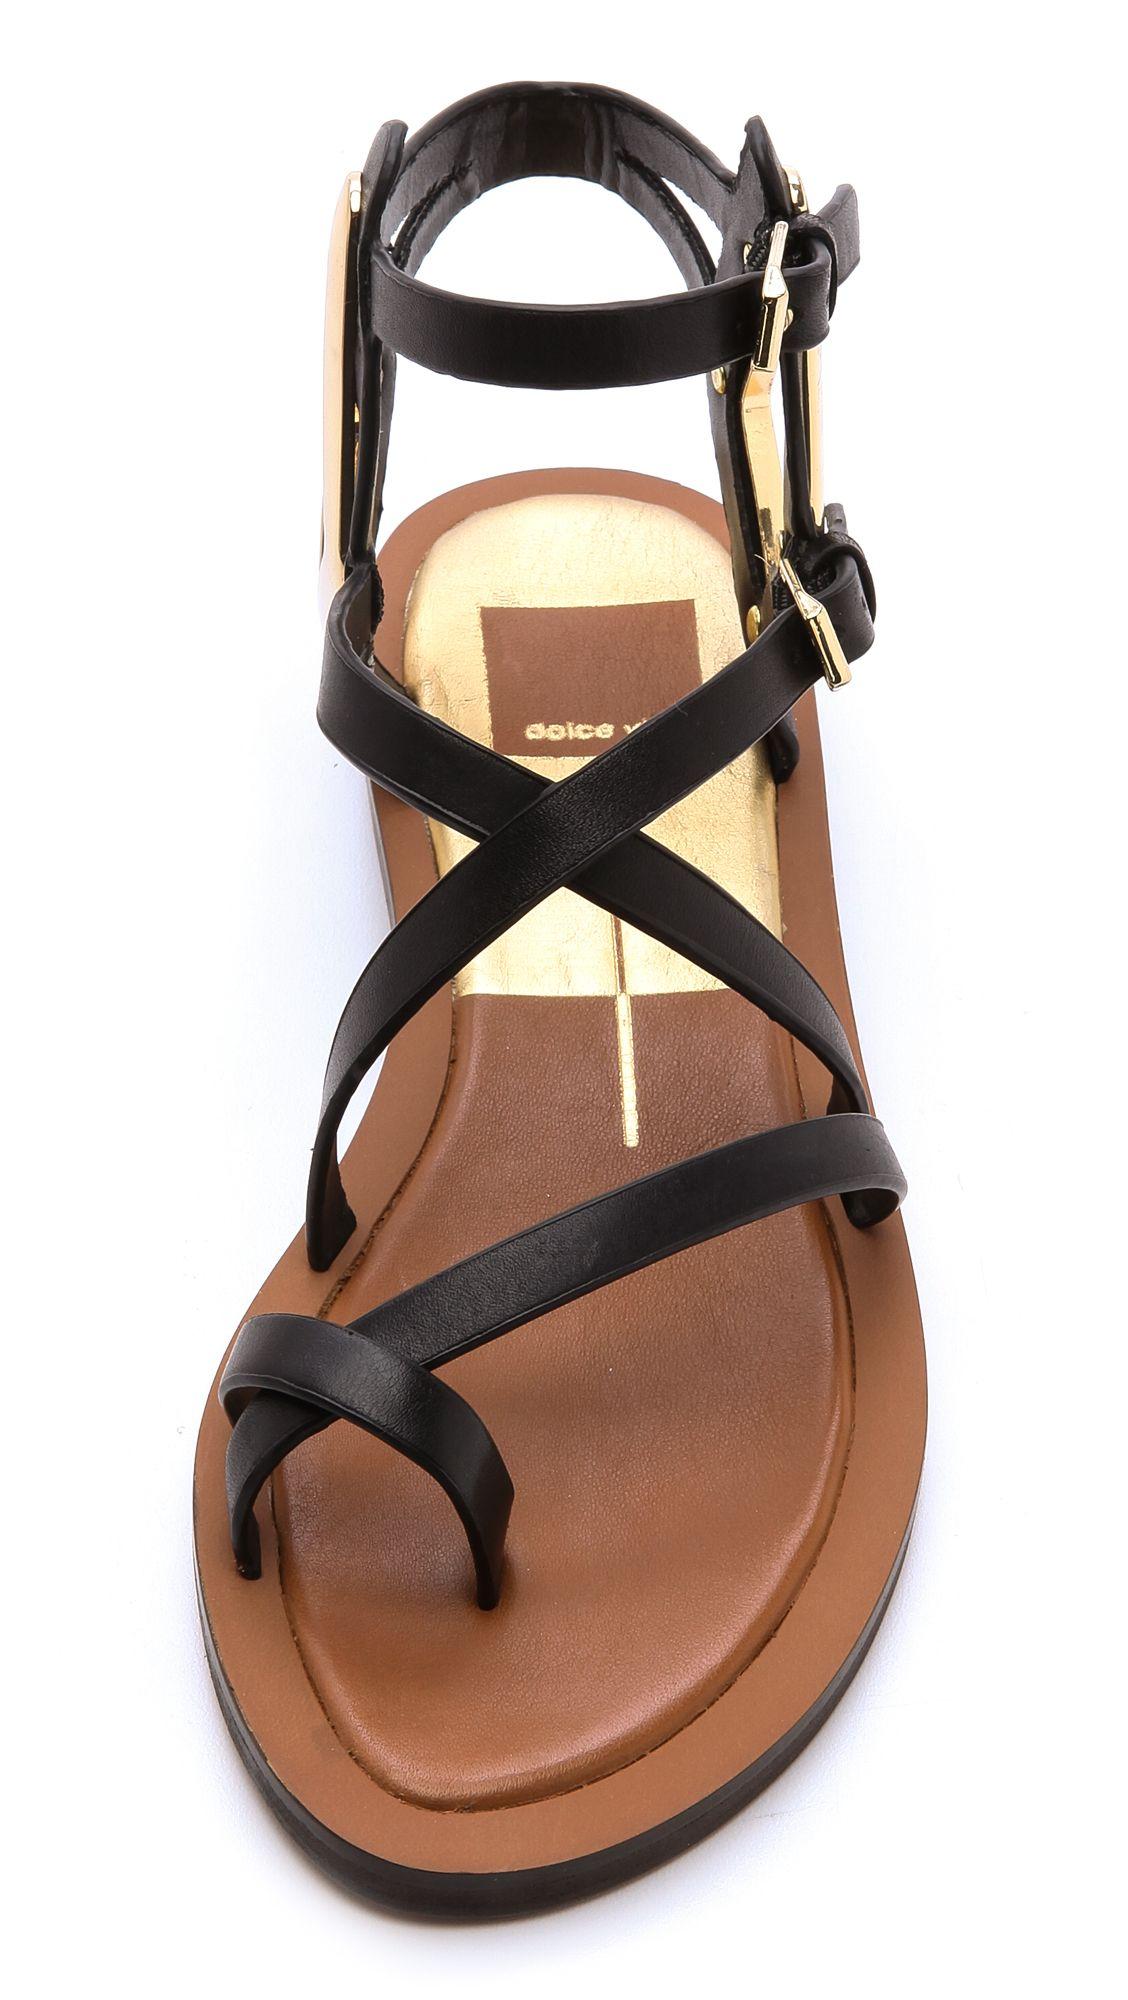 f97dc39e23a9 Dolce Vita Ferrah Sandals